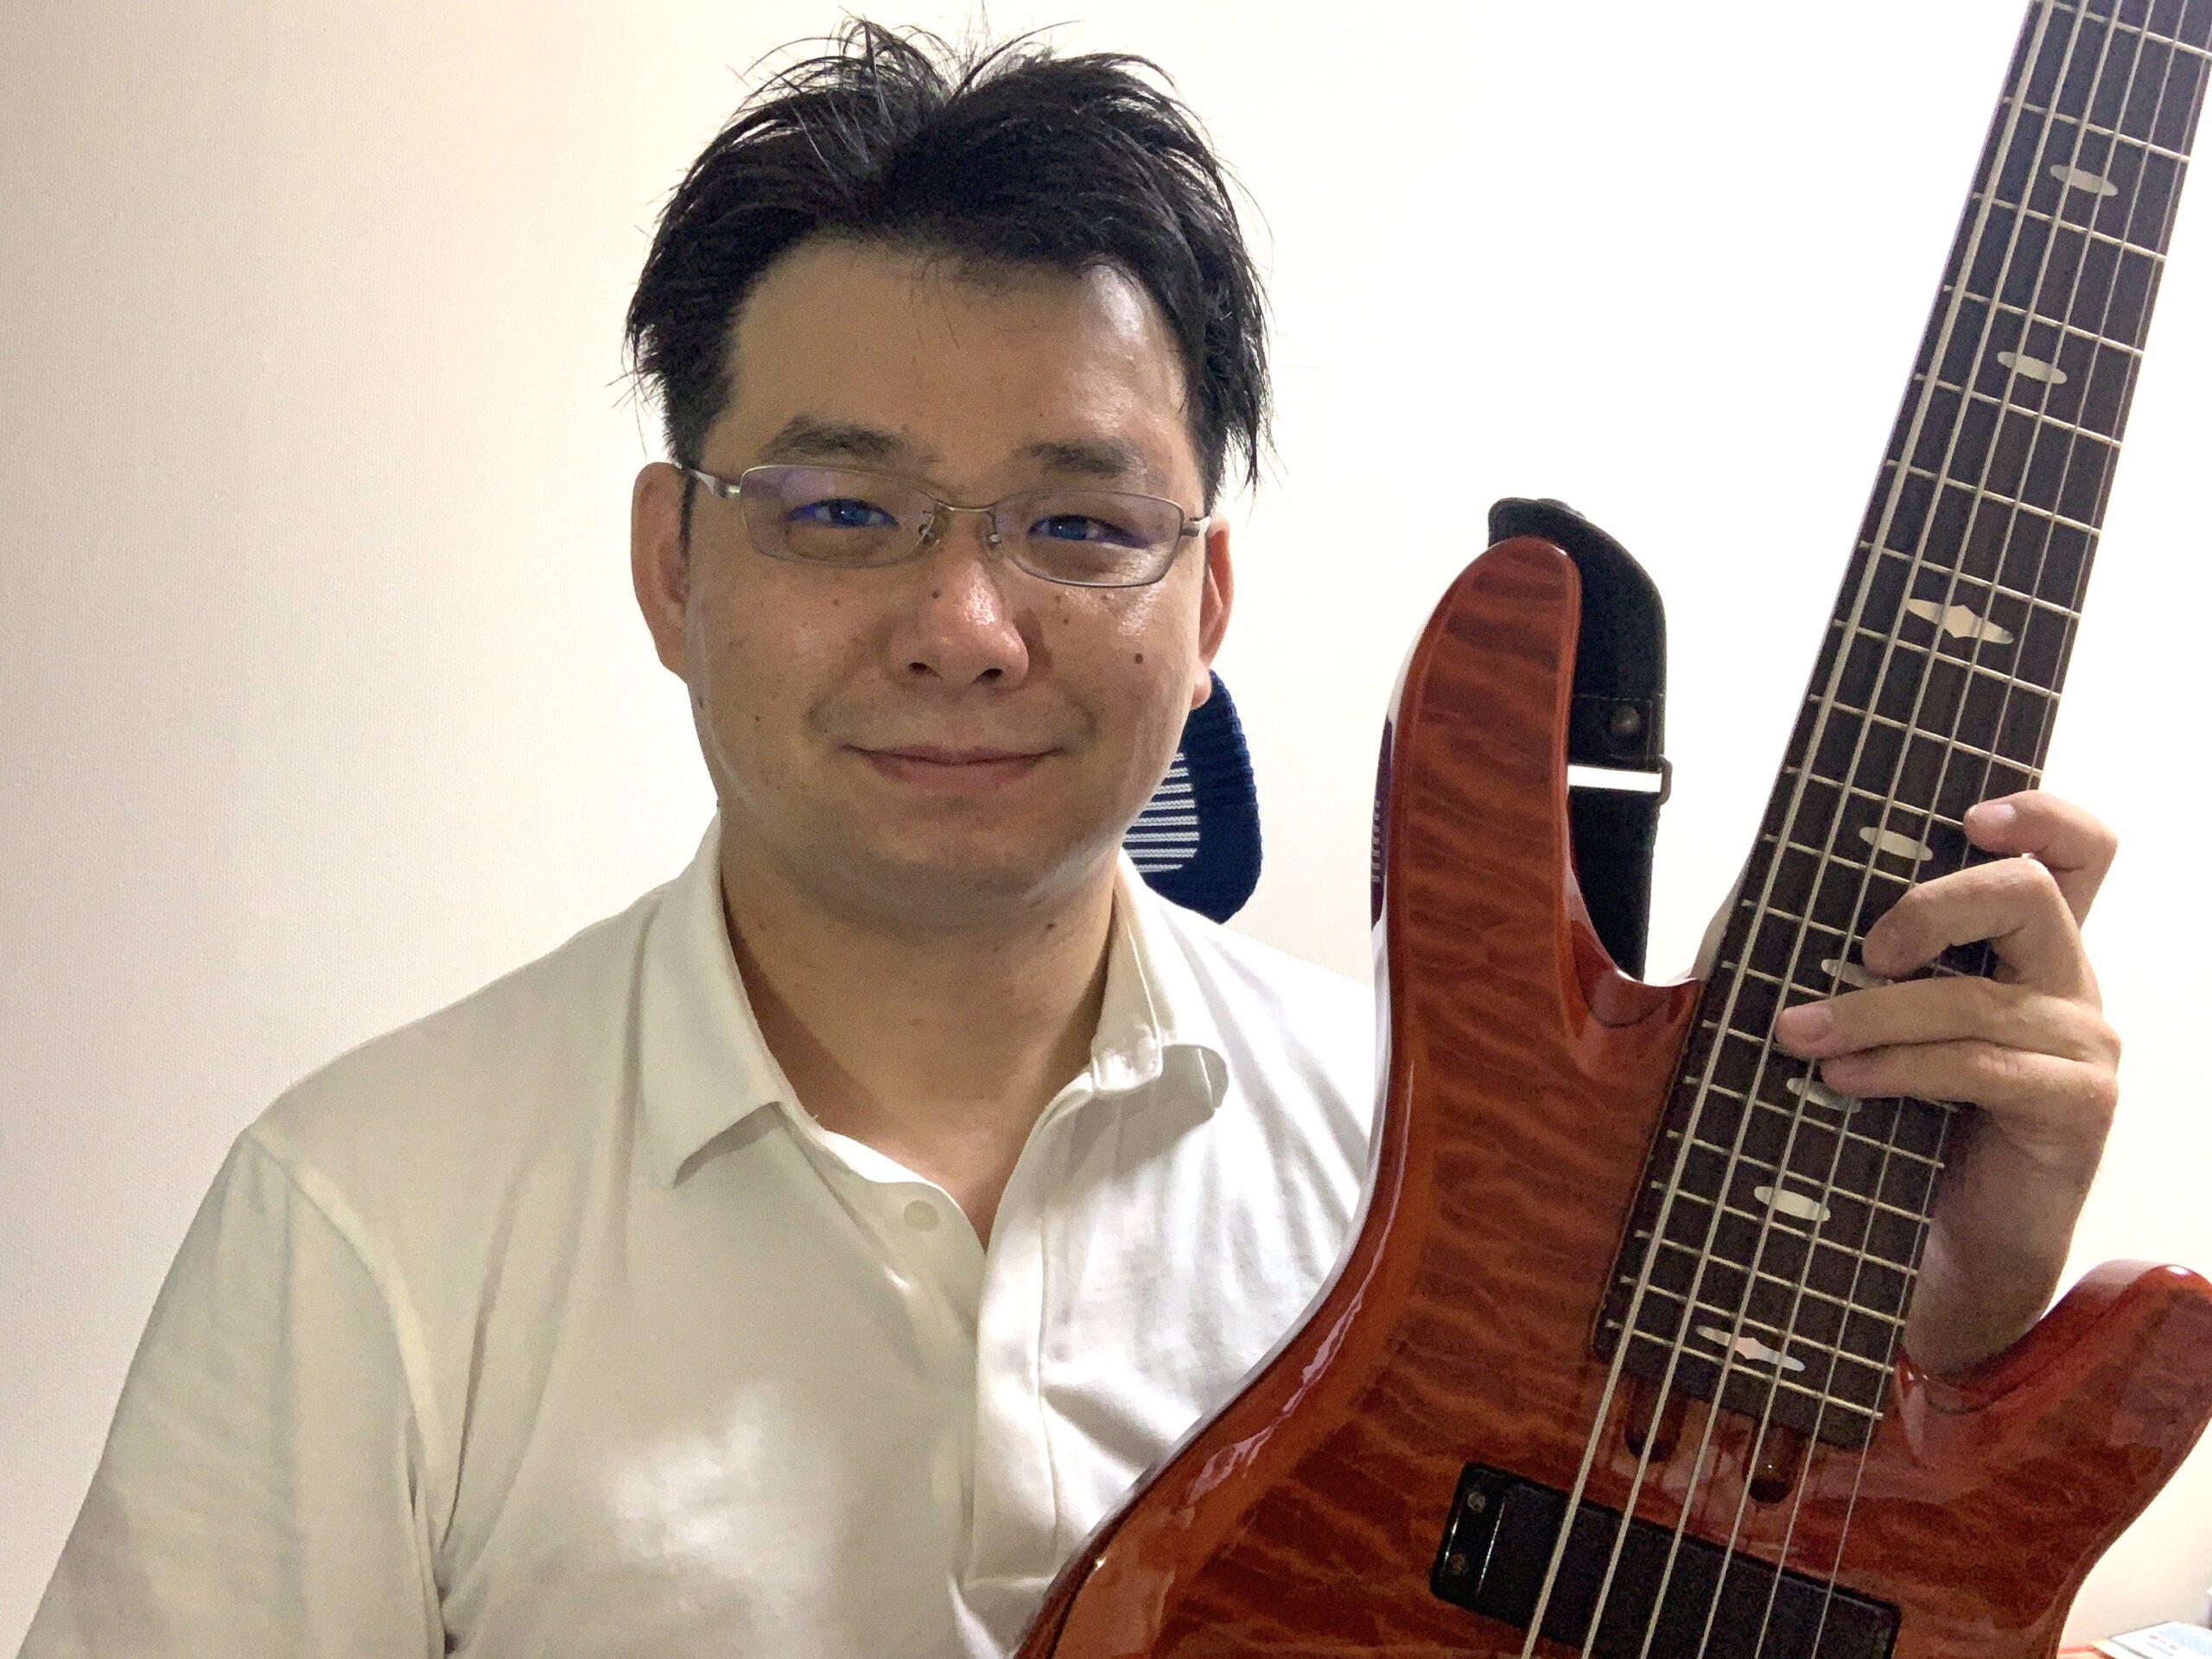 カサメミュージックスクールベース科講師、奥村和哉先生の写真